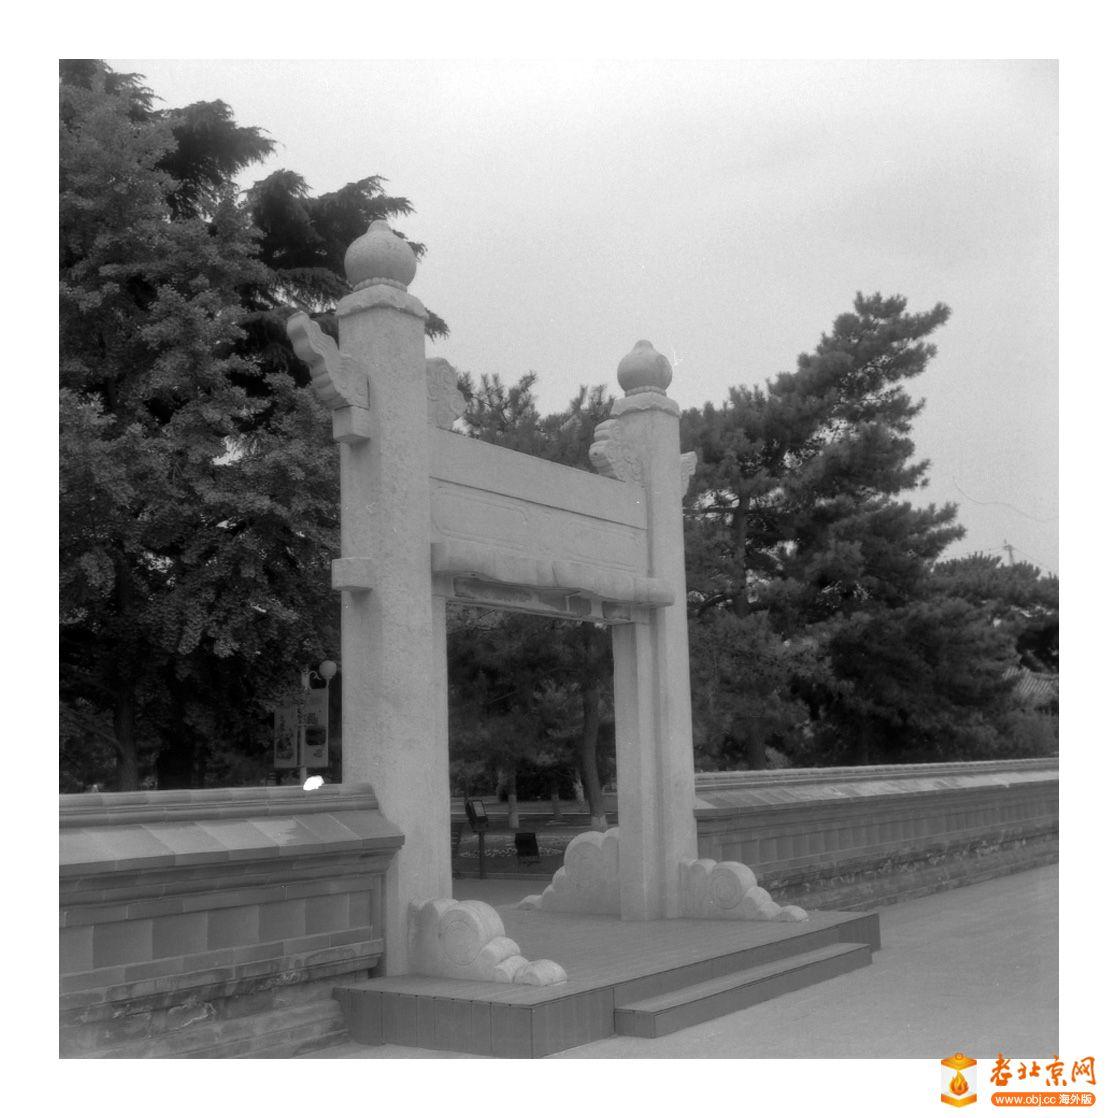 回忆中的公园,黑白照